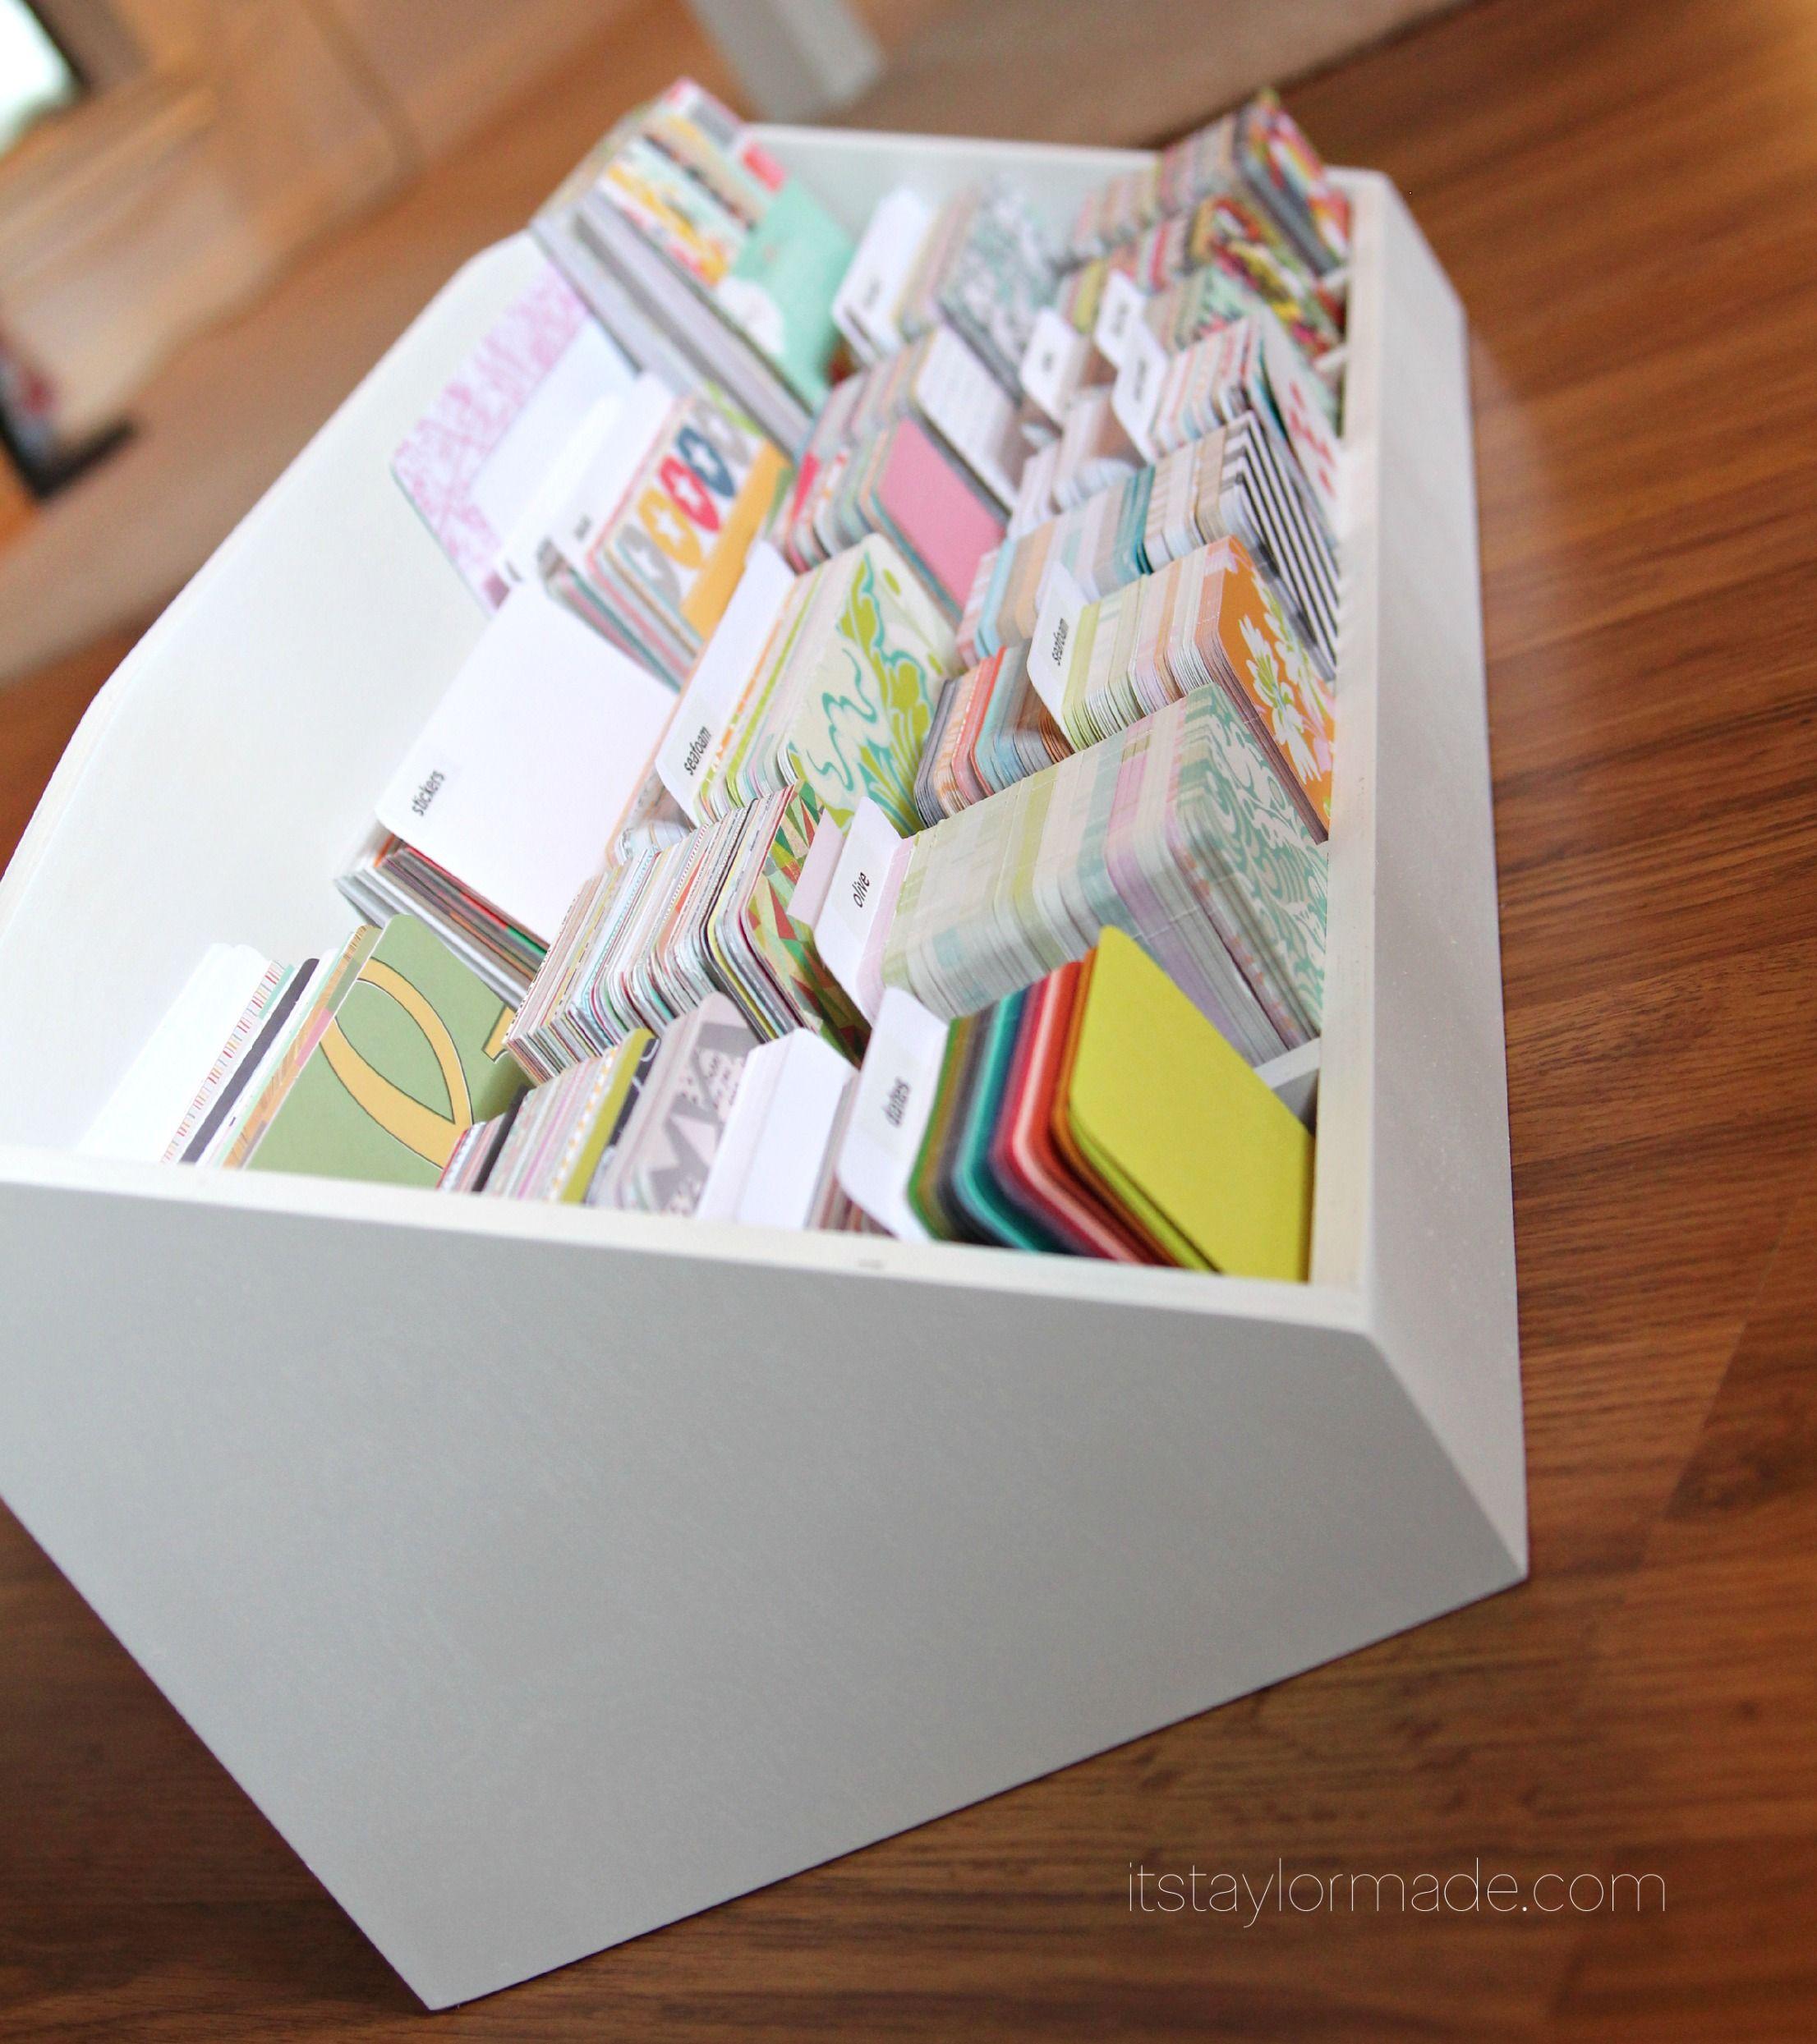 Как правильно хранить открытки, февраля яндекс